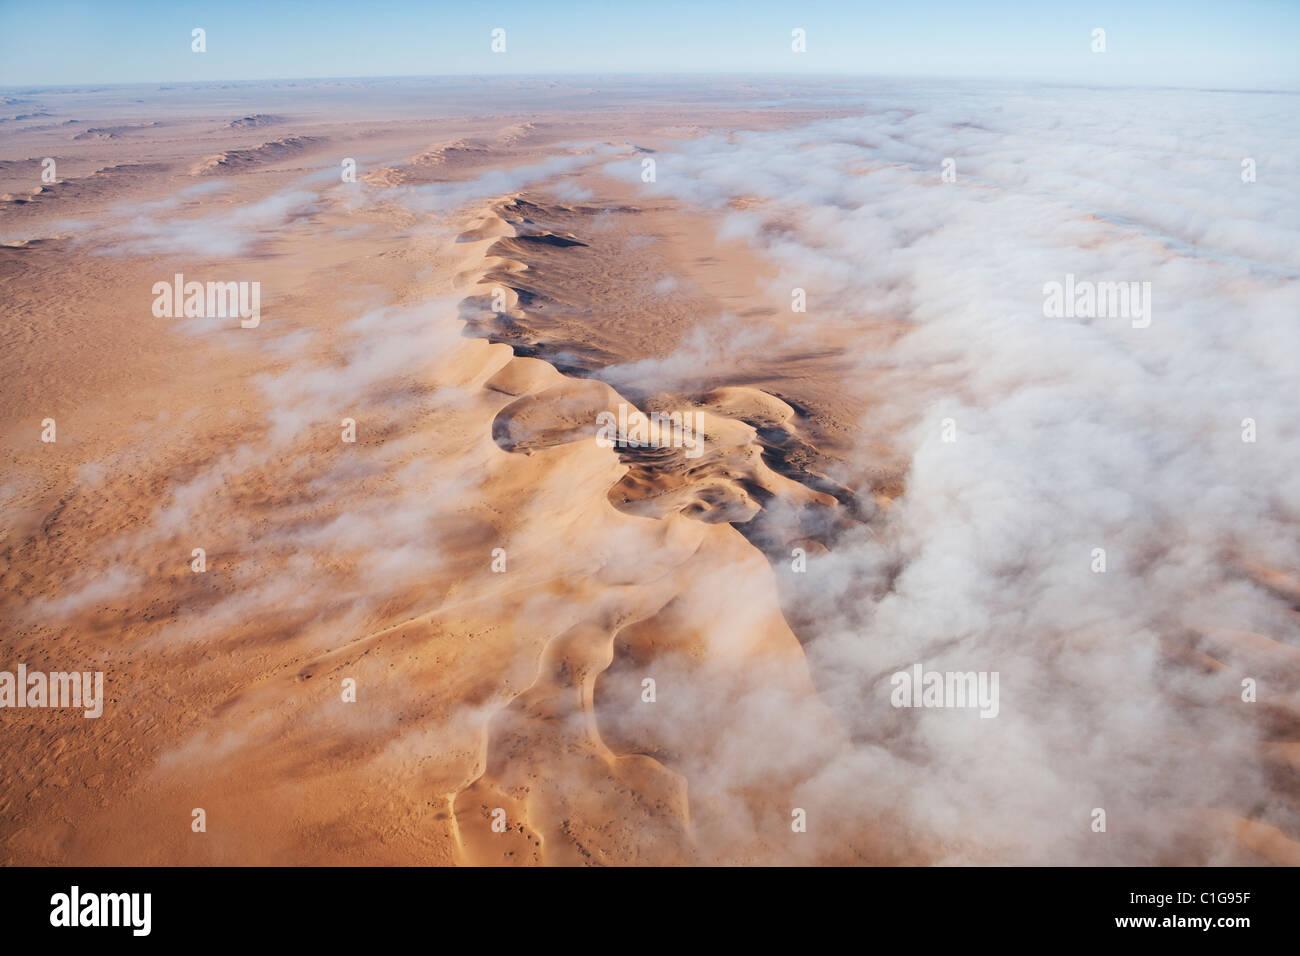 Luftaufnahme von Sanddünen der namibischen Wüste Stockbild